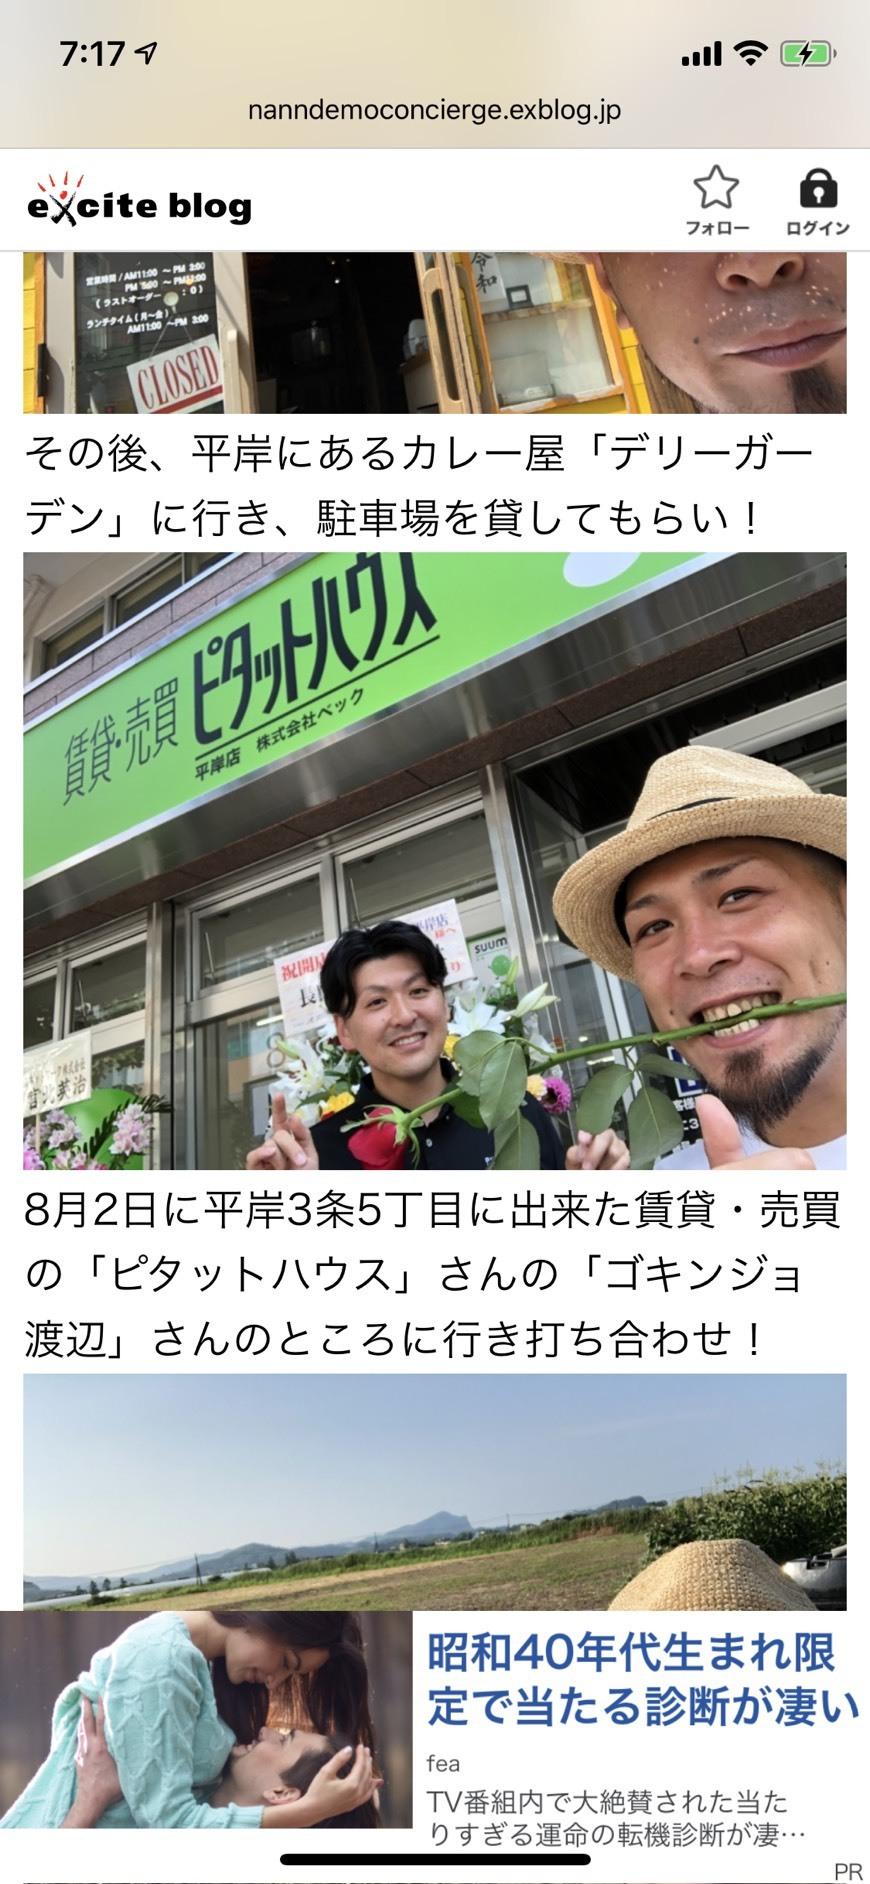 8月6日(火)本店ブログ♪ タントカスタムX ありますよおおお ランクル ハマー アルファード♪ _b0127002_19553305.jpg